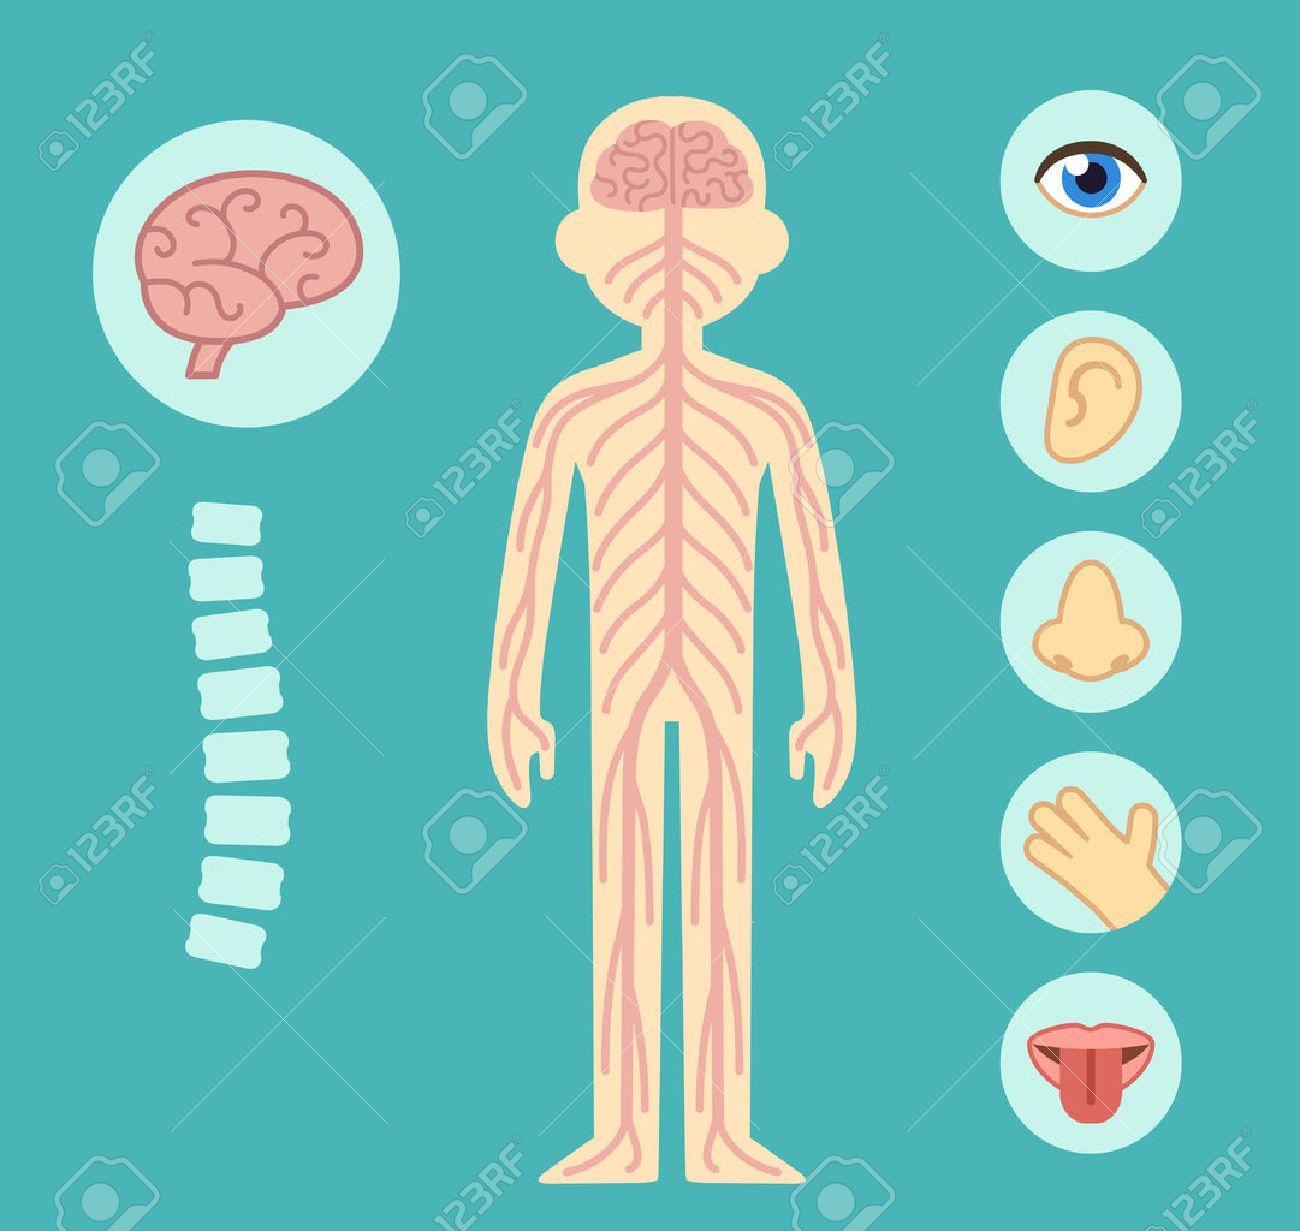 Del Sistema Nervioso Elementos Del Gráfico Infográficos. Los Nervios ...